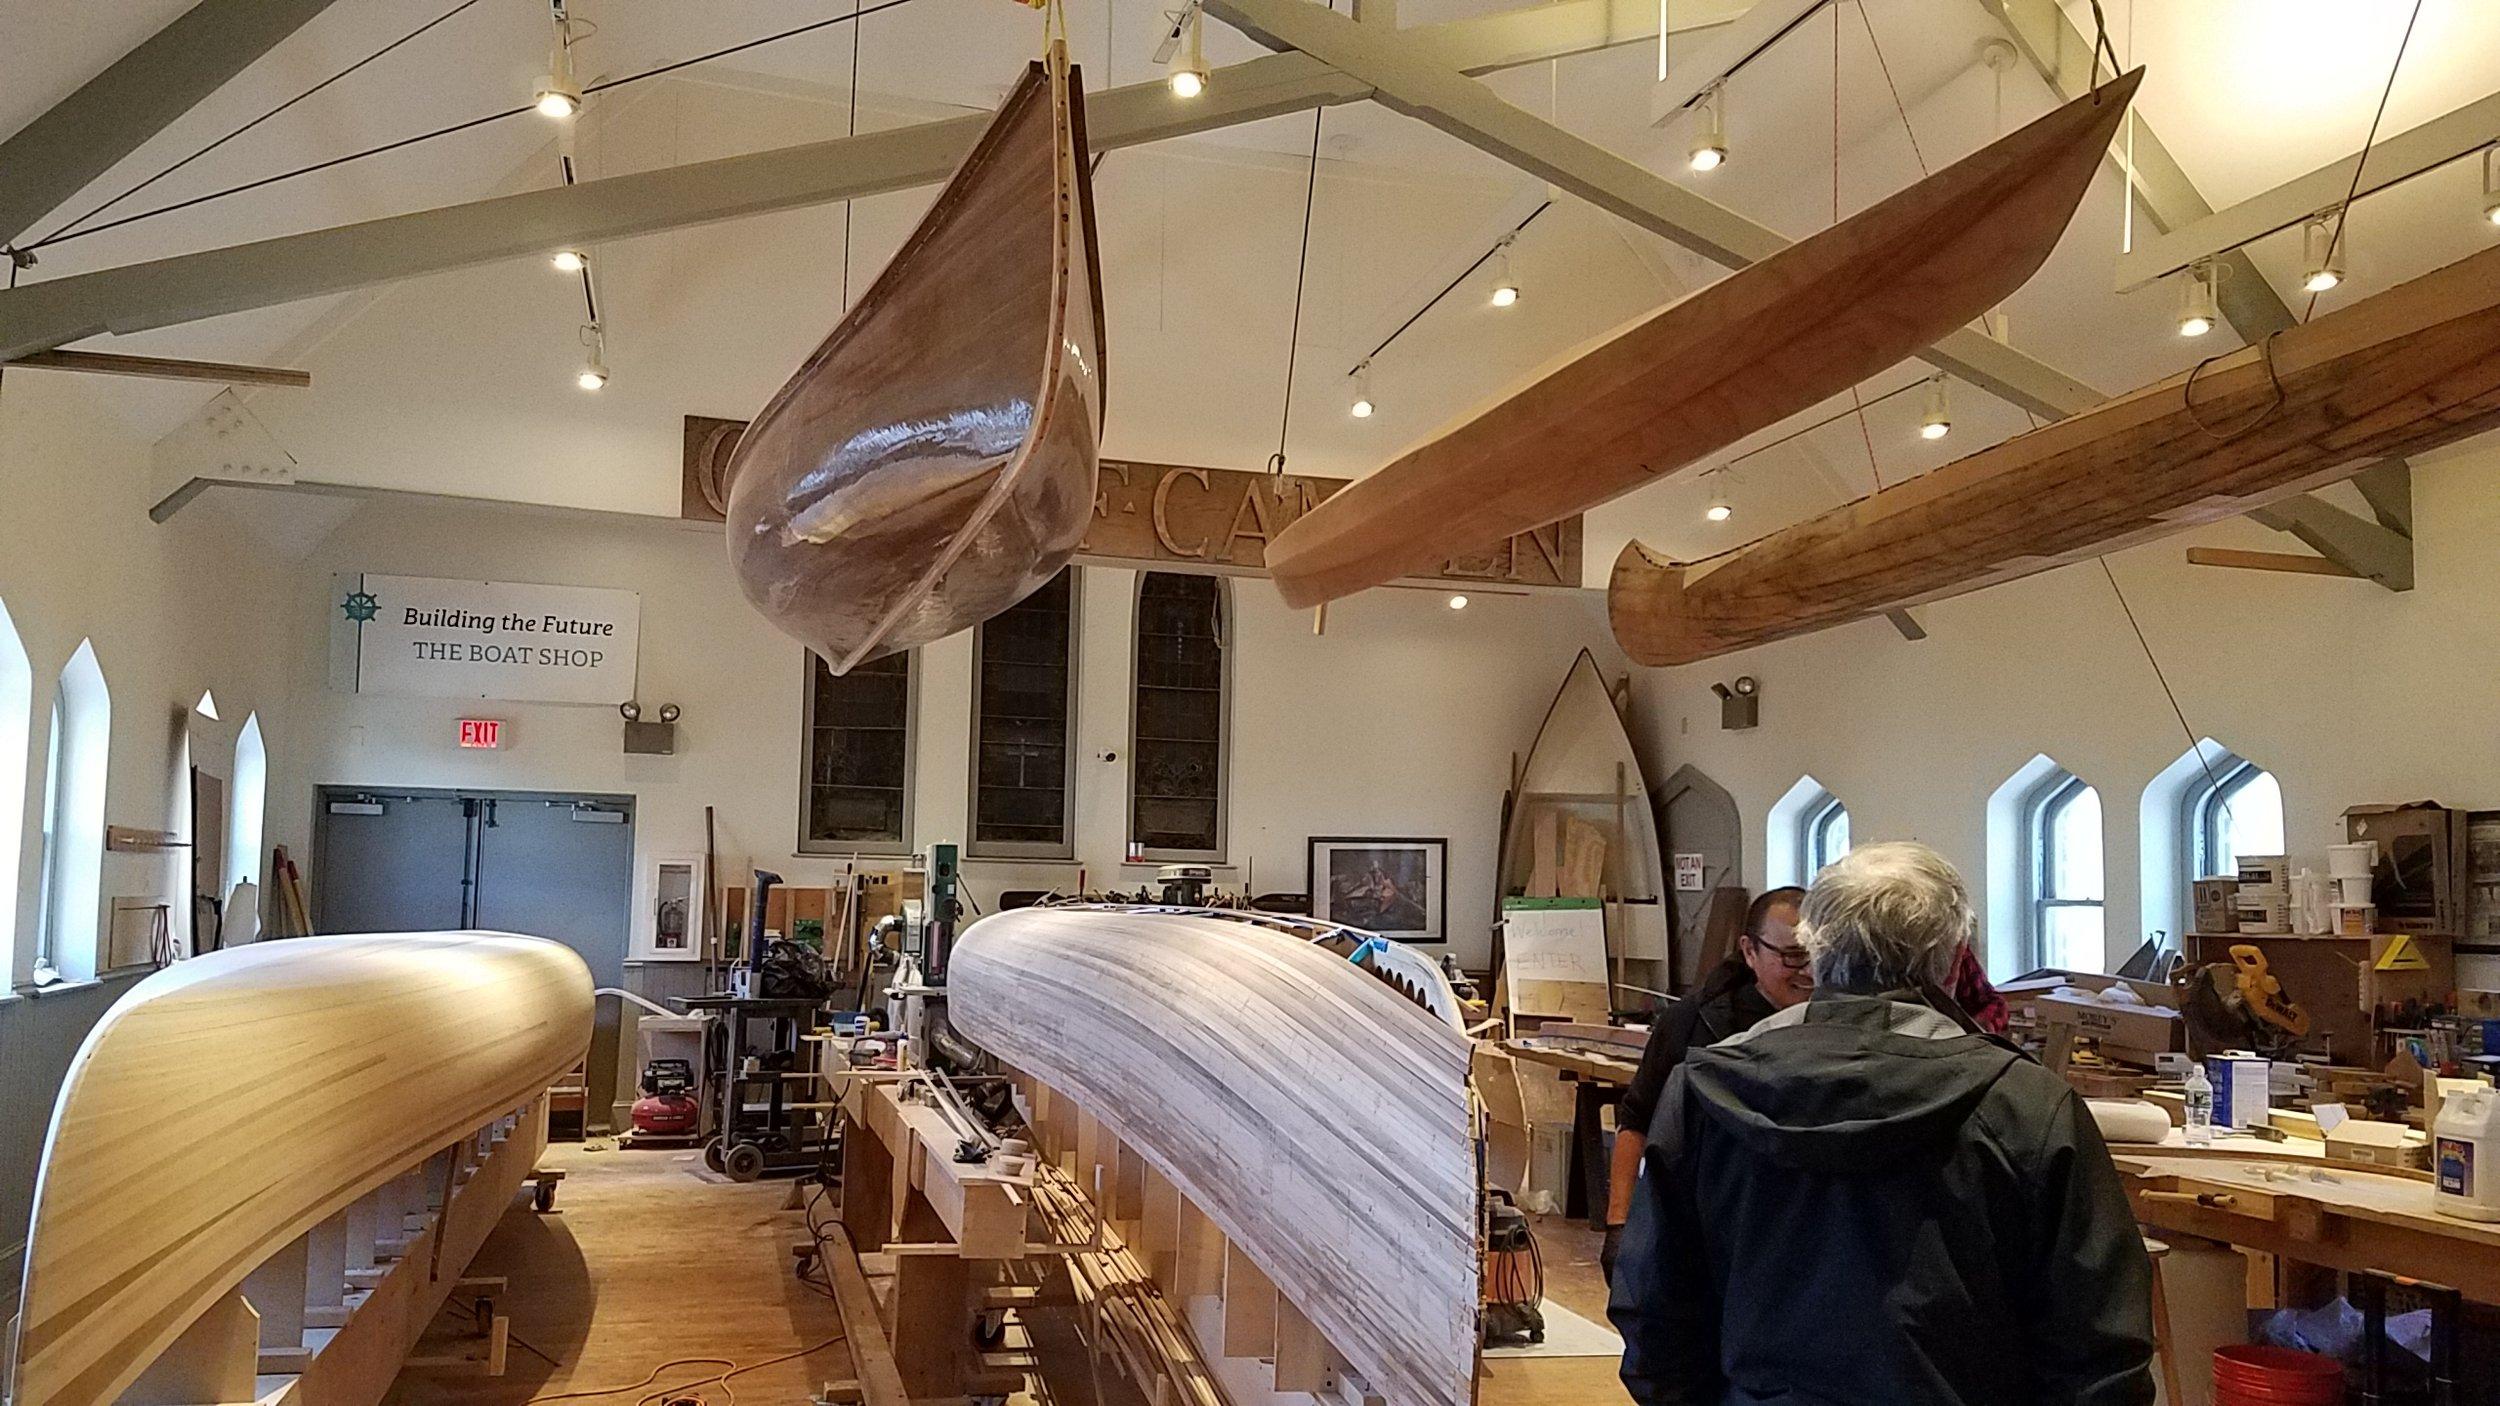 Inside the workshop of Urban BoatWorks